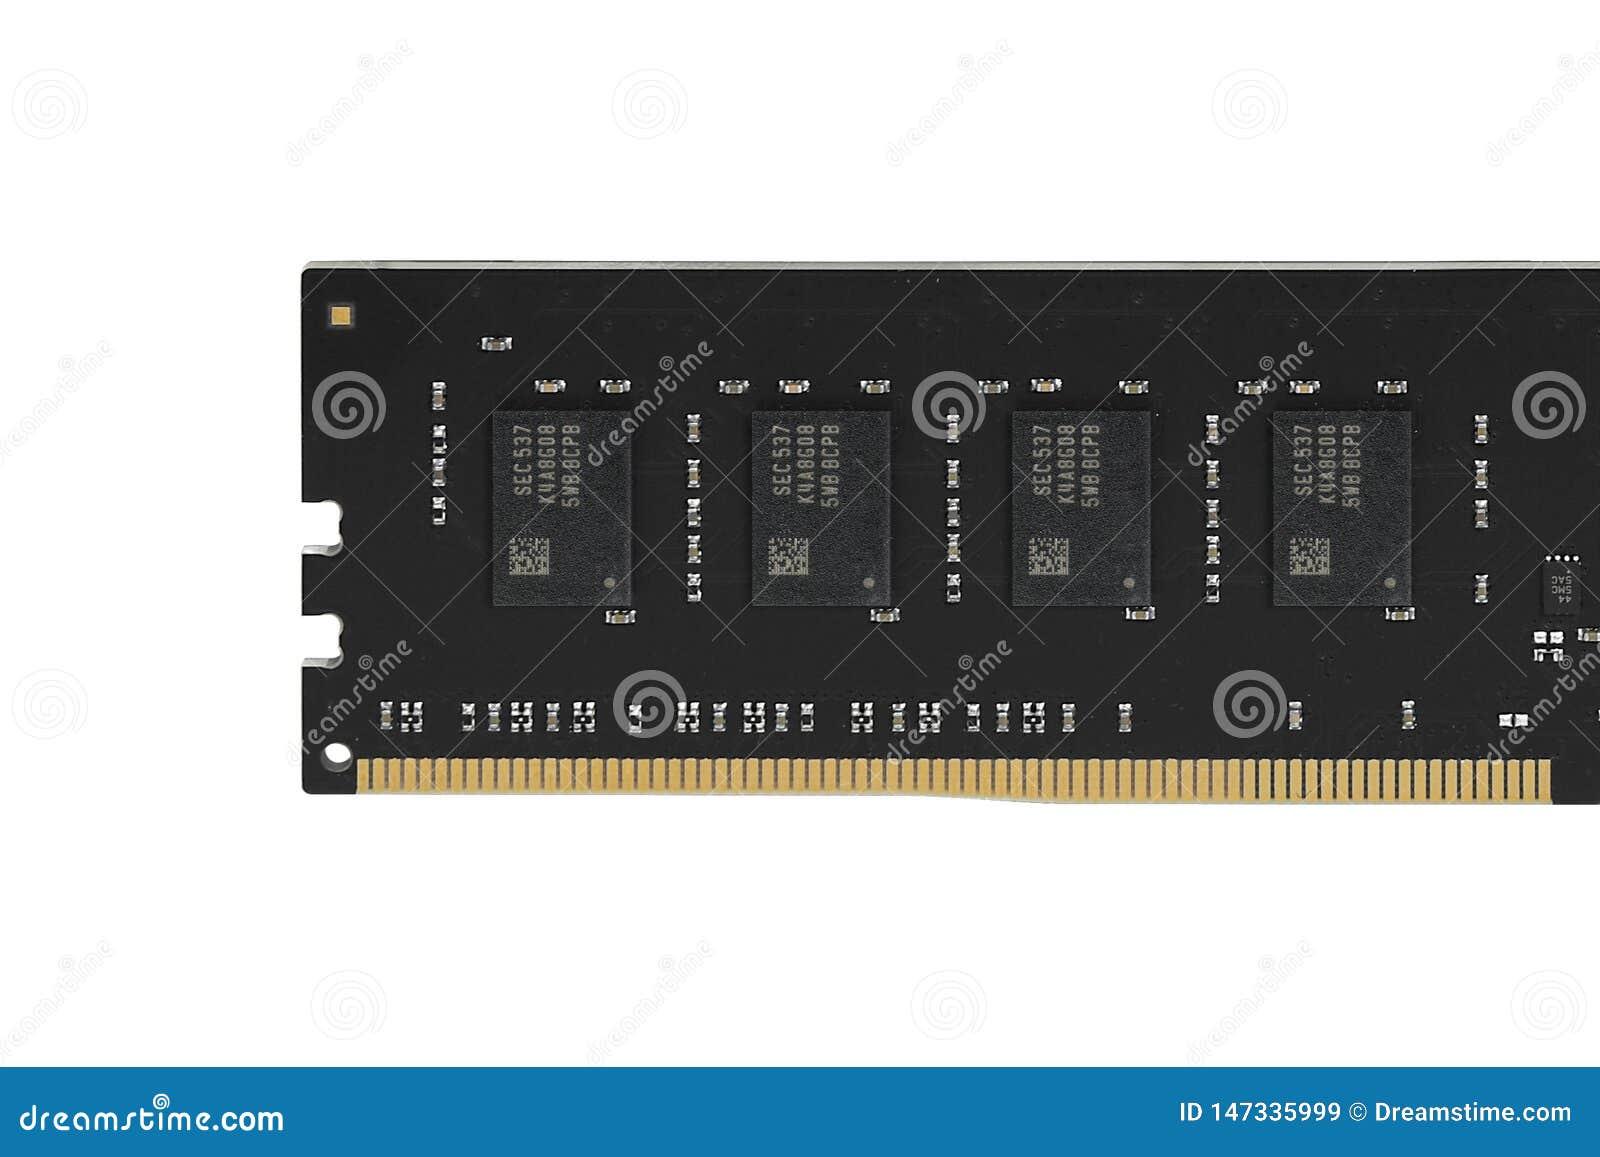 Drukowany obw?d deski PCB z, ICs i oporniki, pami?? RAM